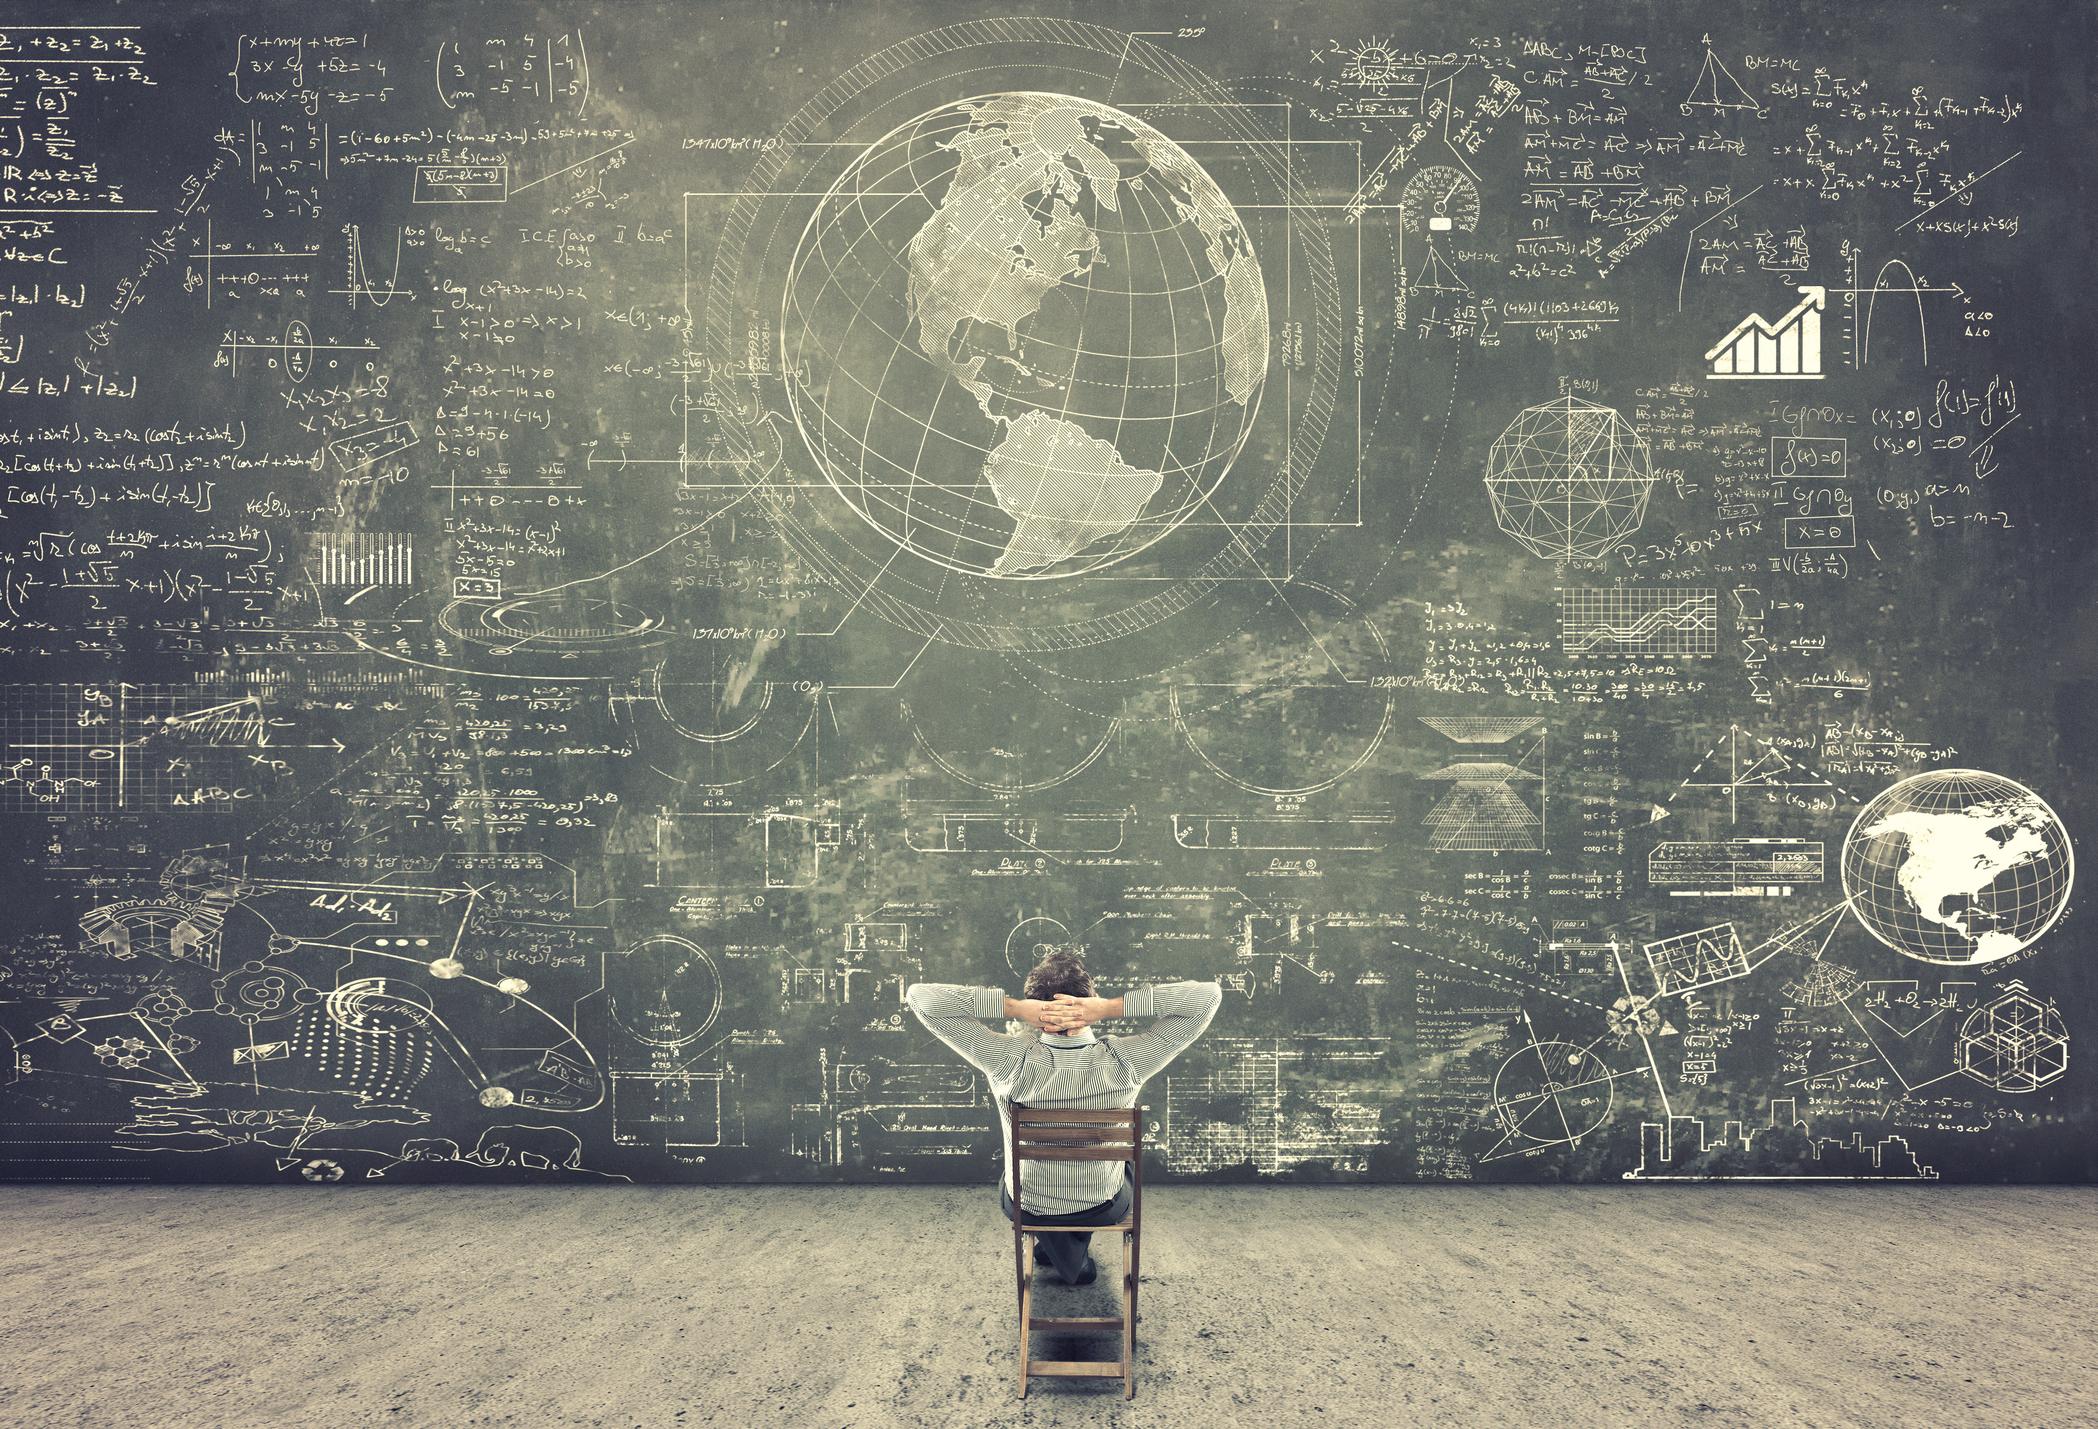 來自律師・醫生・外交官・高學歷菁英上課的日文教室! 涉獵最新腦科學・心理學・教育學的日本人教師發現的 「瑞士式語言學習系統」的秘密即將公開!